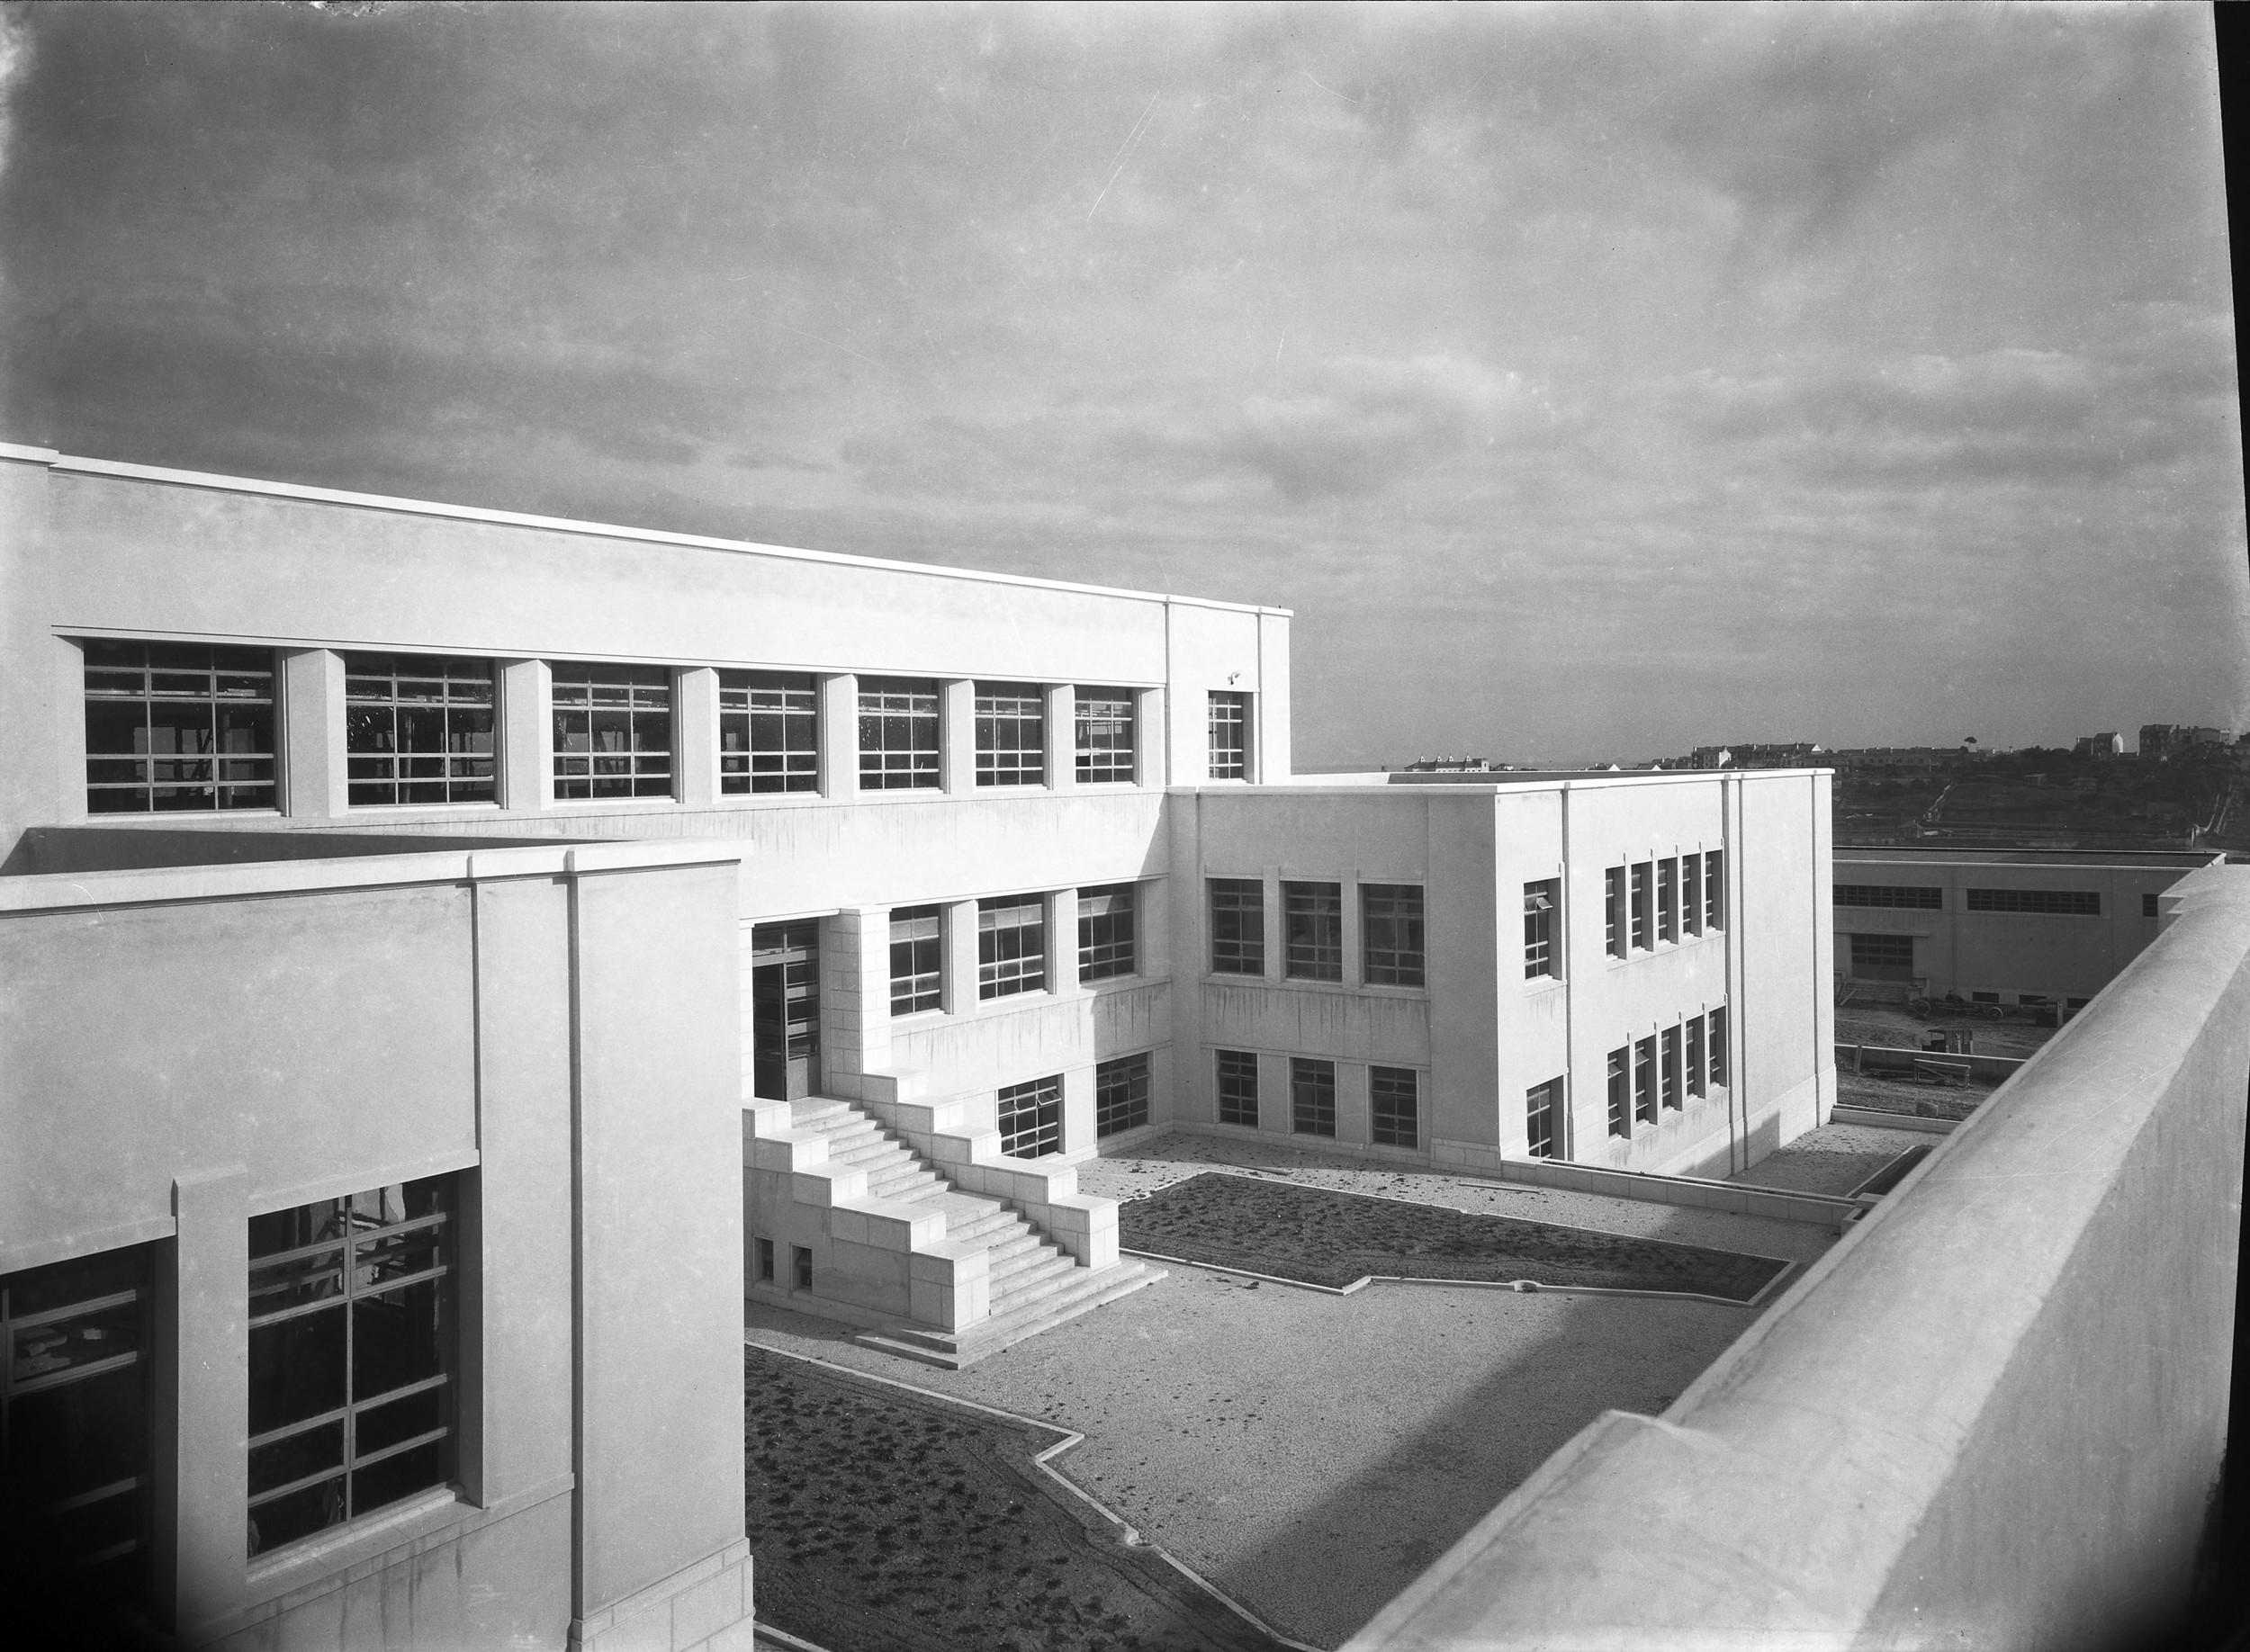 Instituto Superior Técnico, Lisbon  Photo: Mário Novais, ca. 1936-37, Lisbon  Biblioteca de Arte da Fundação Calouste Gulbenkian [CFT003_100957]